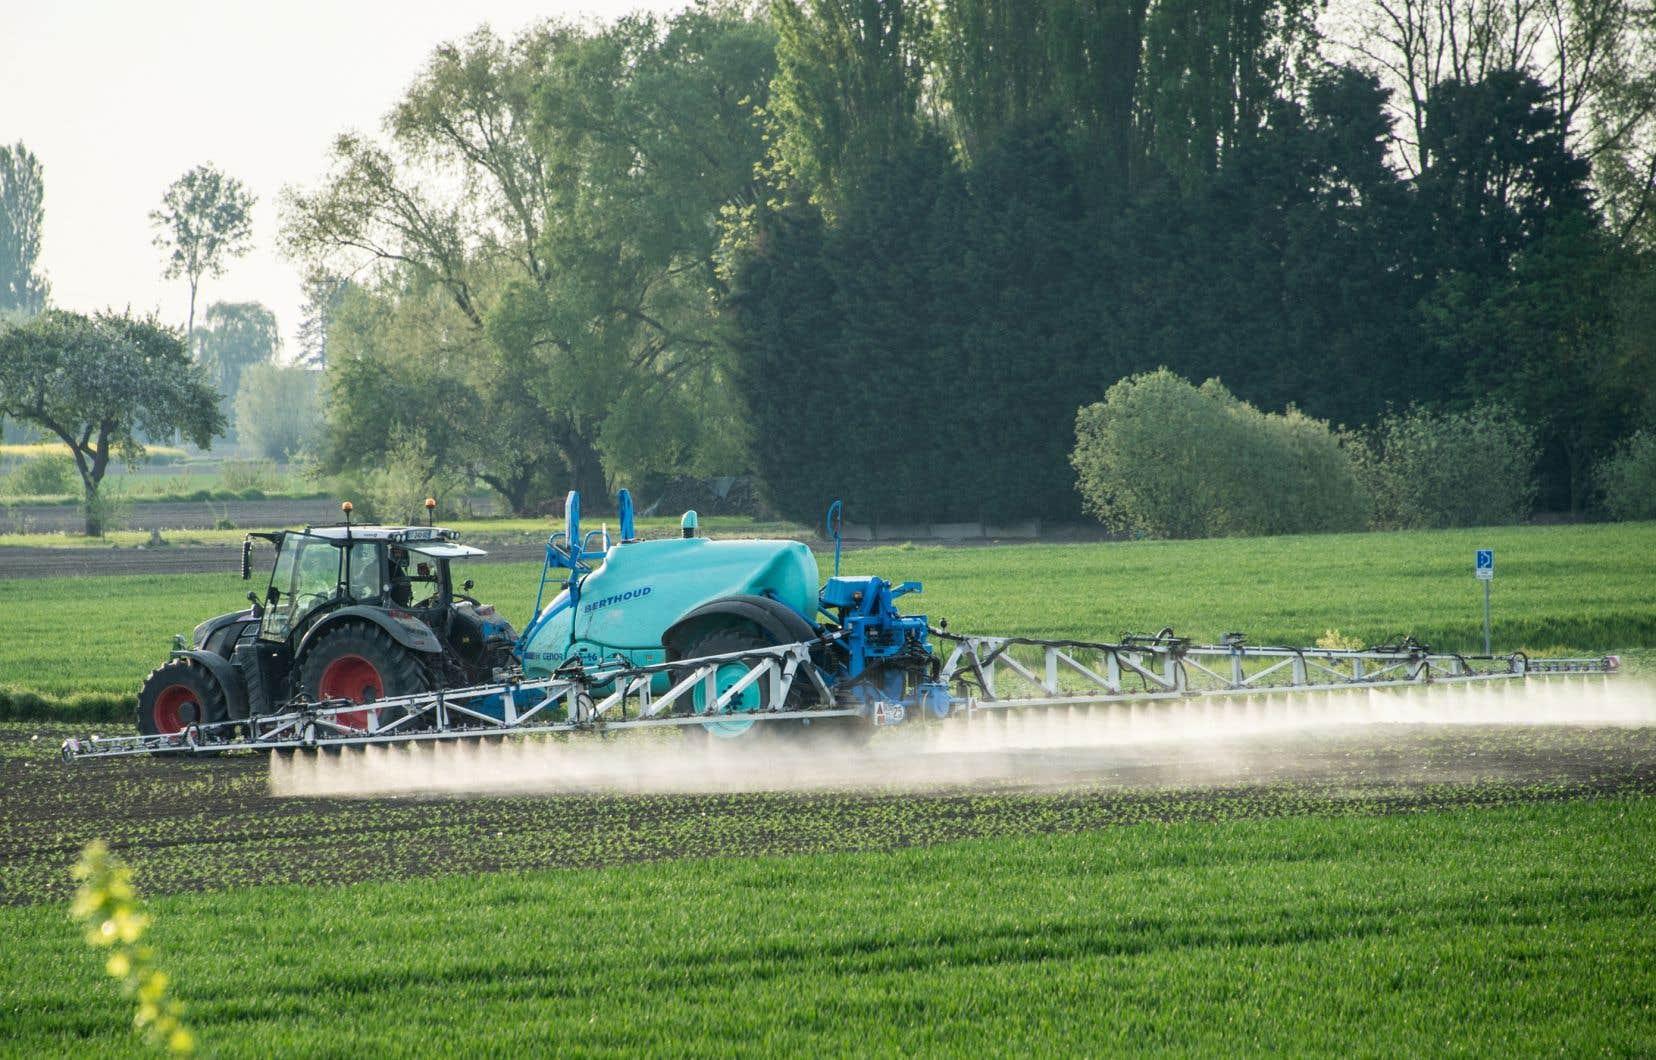 La Fondation David Suzuki va presser Québec d'interdire l'usage des pesticides en milieu agricole à moins de 2 kilomètres de maisons, de routes ou de bâtiments publics.